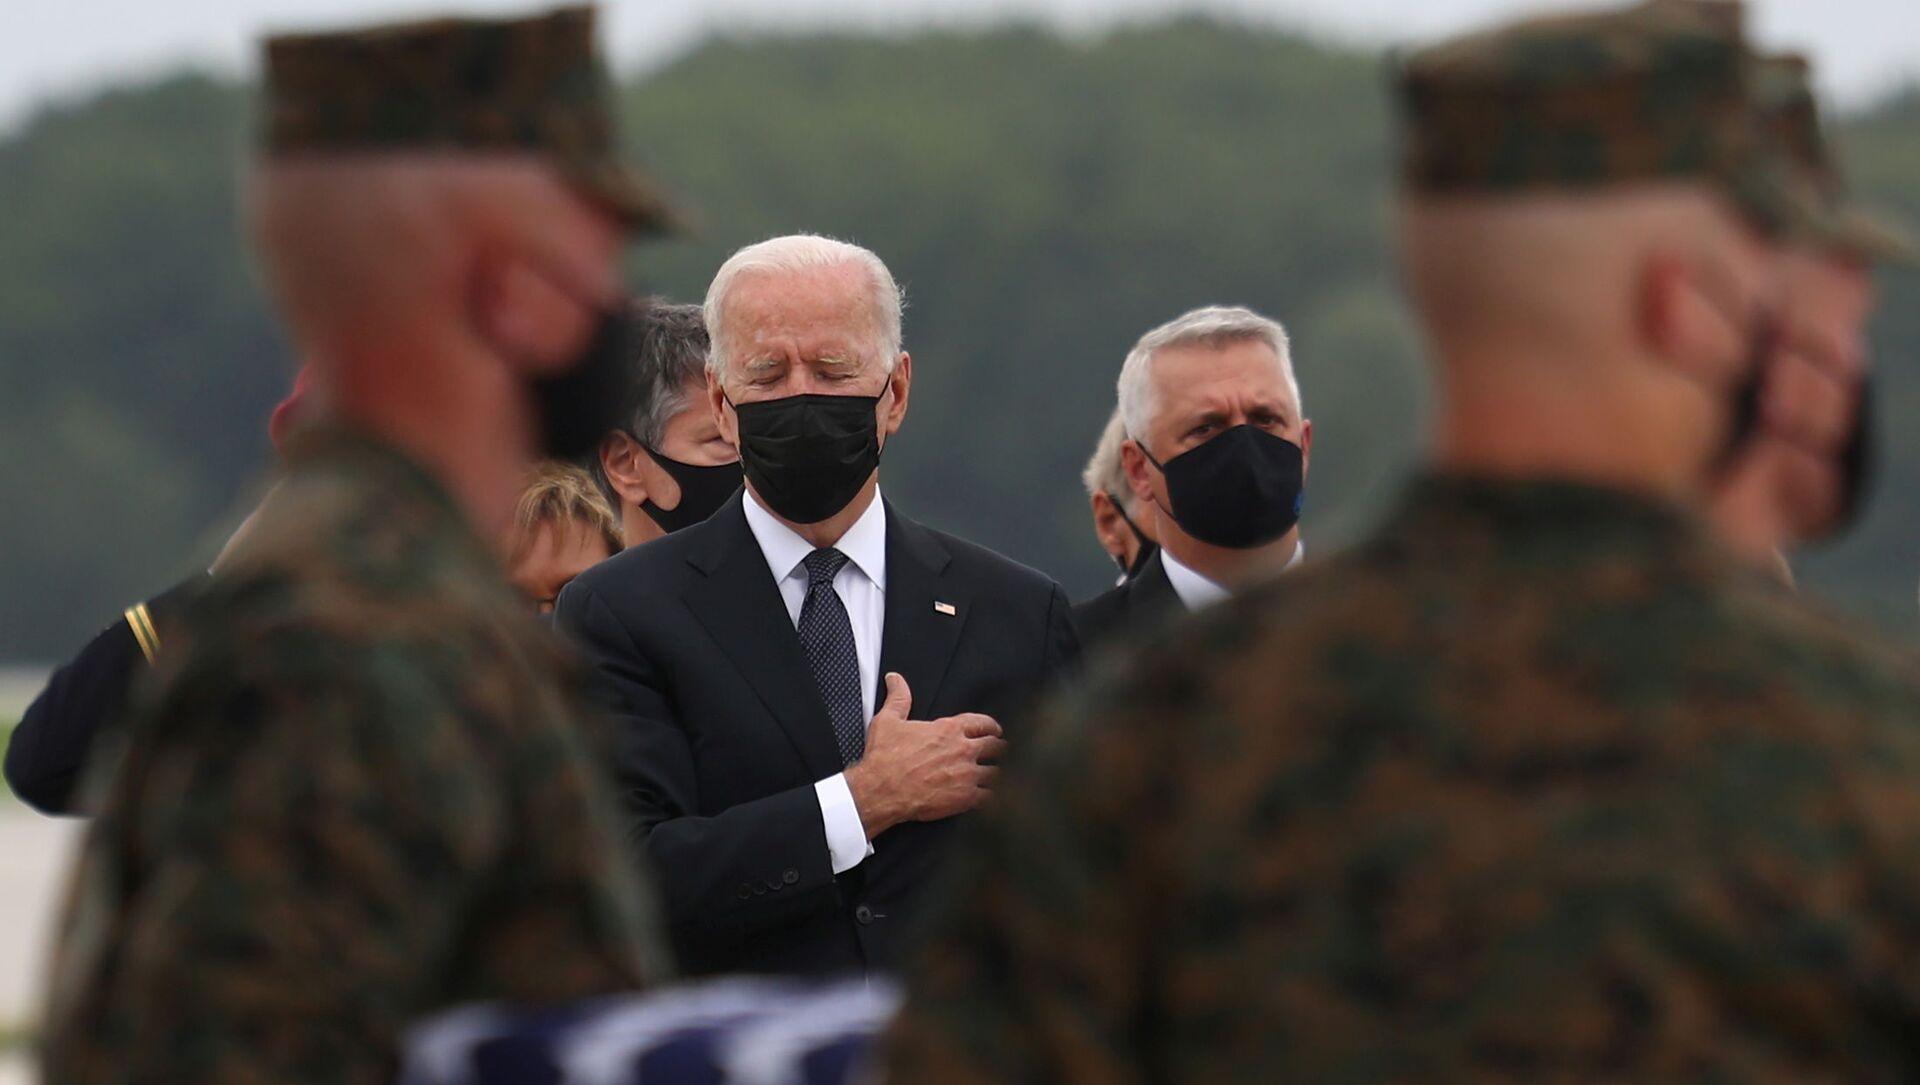 Joe Biden rend hommage aux militaires américains tués dans un attentat-suicide le 26 août à l'aéroport international Hamid Karzai de Kaboul - Sputnik France, 1920, 31.08.2021